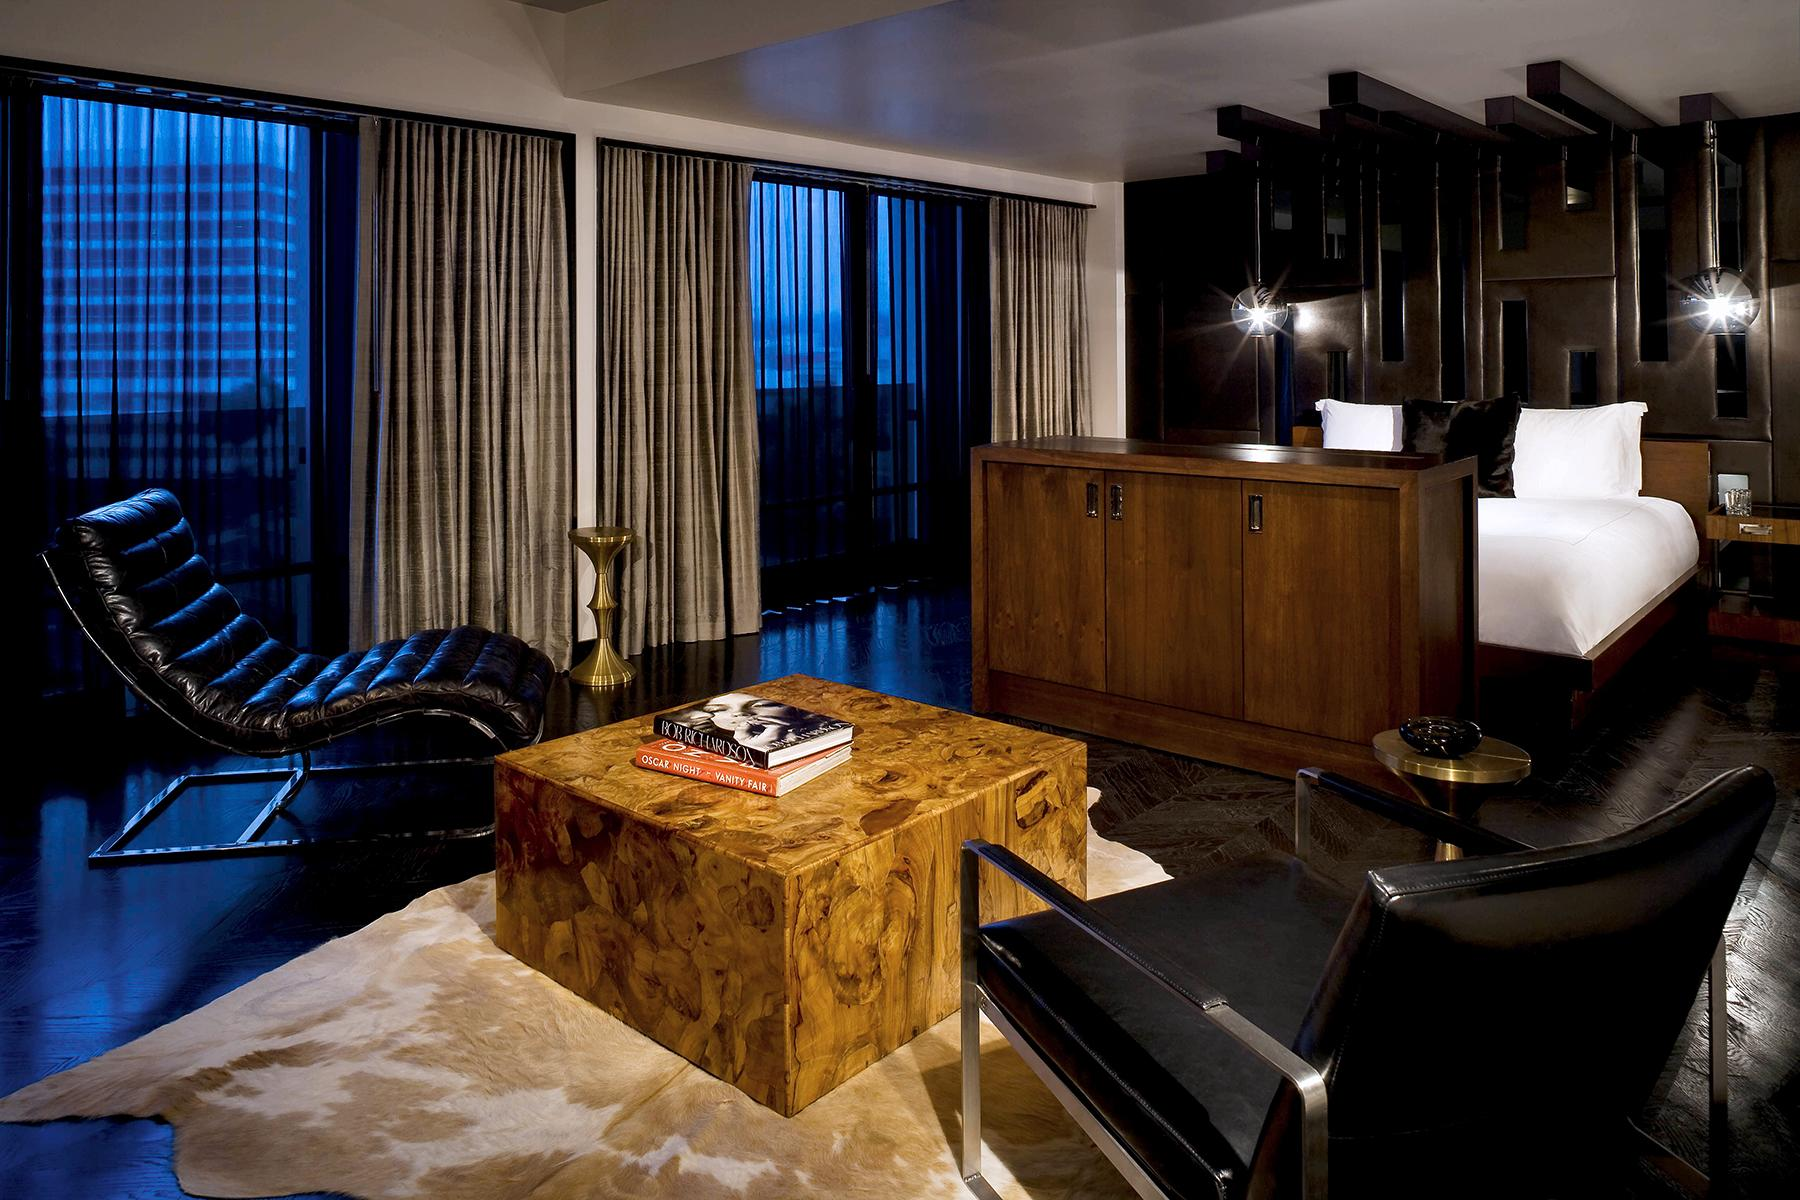 14_KinkyAmenities__SIXTYBeverlyHillsHotel_14.) Penthouse Bedroom